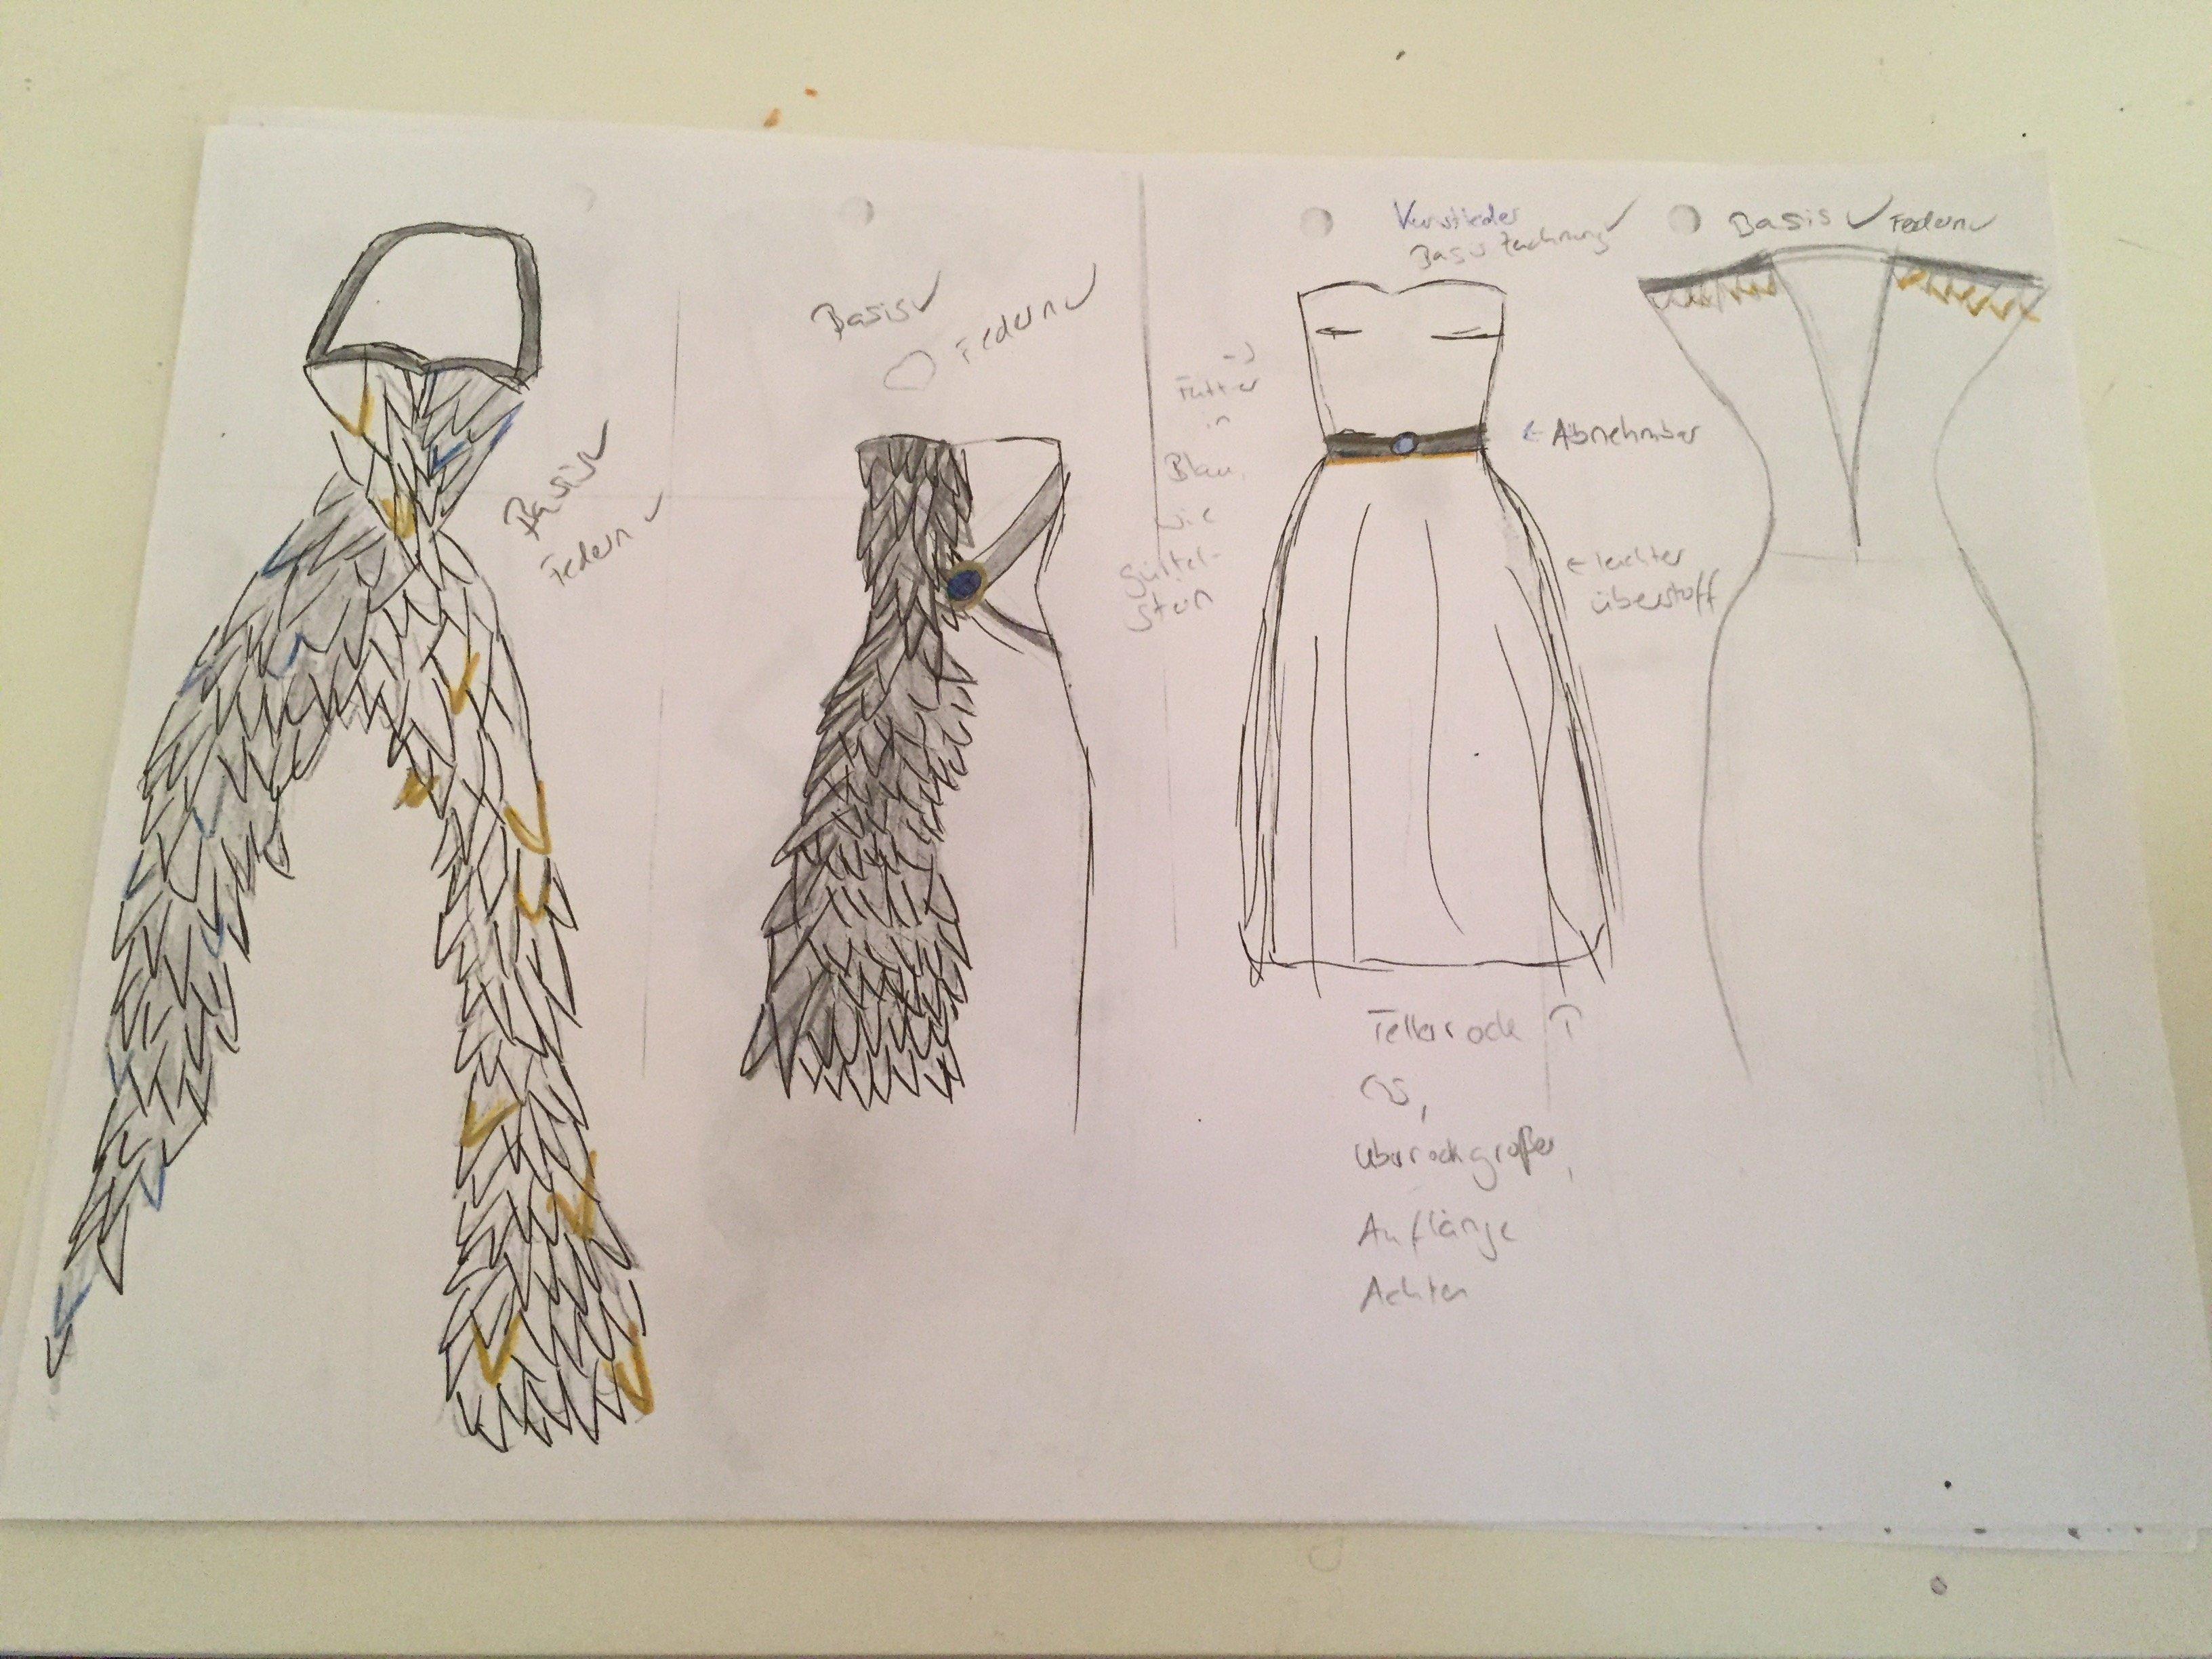 Projektarbeit mit Korsage oder ein Partykleid zum Geburtstag von ...